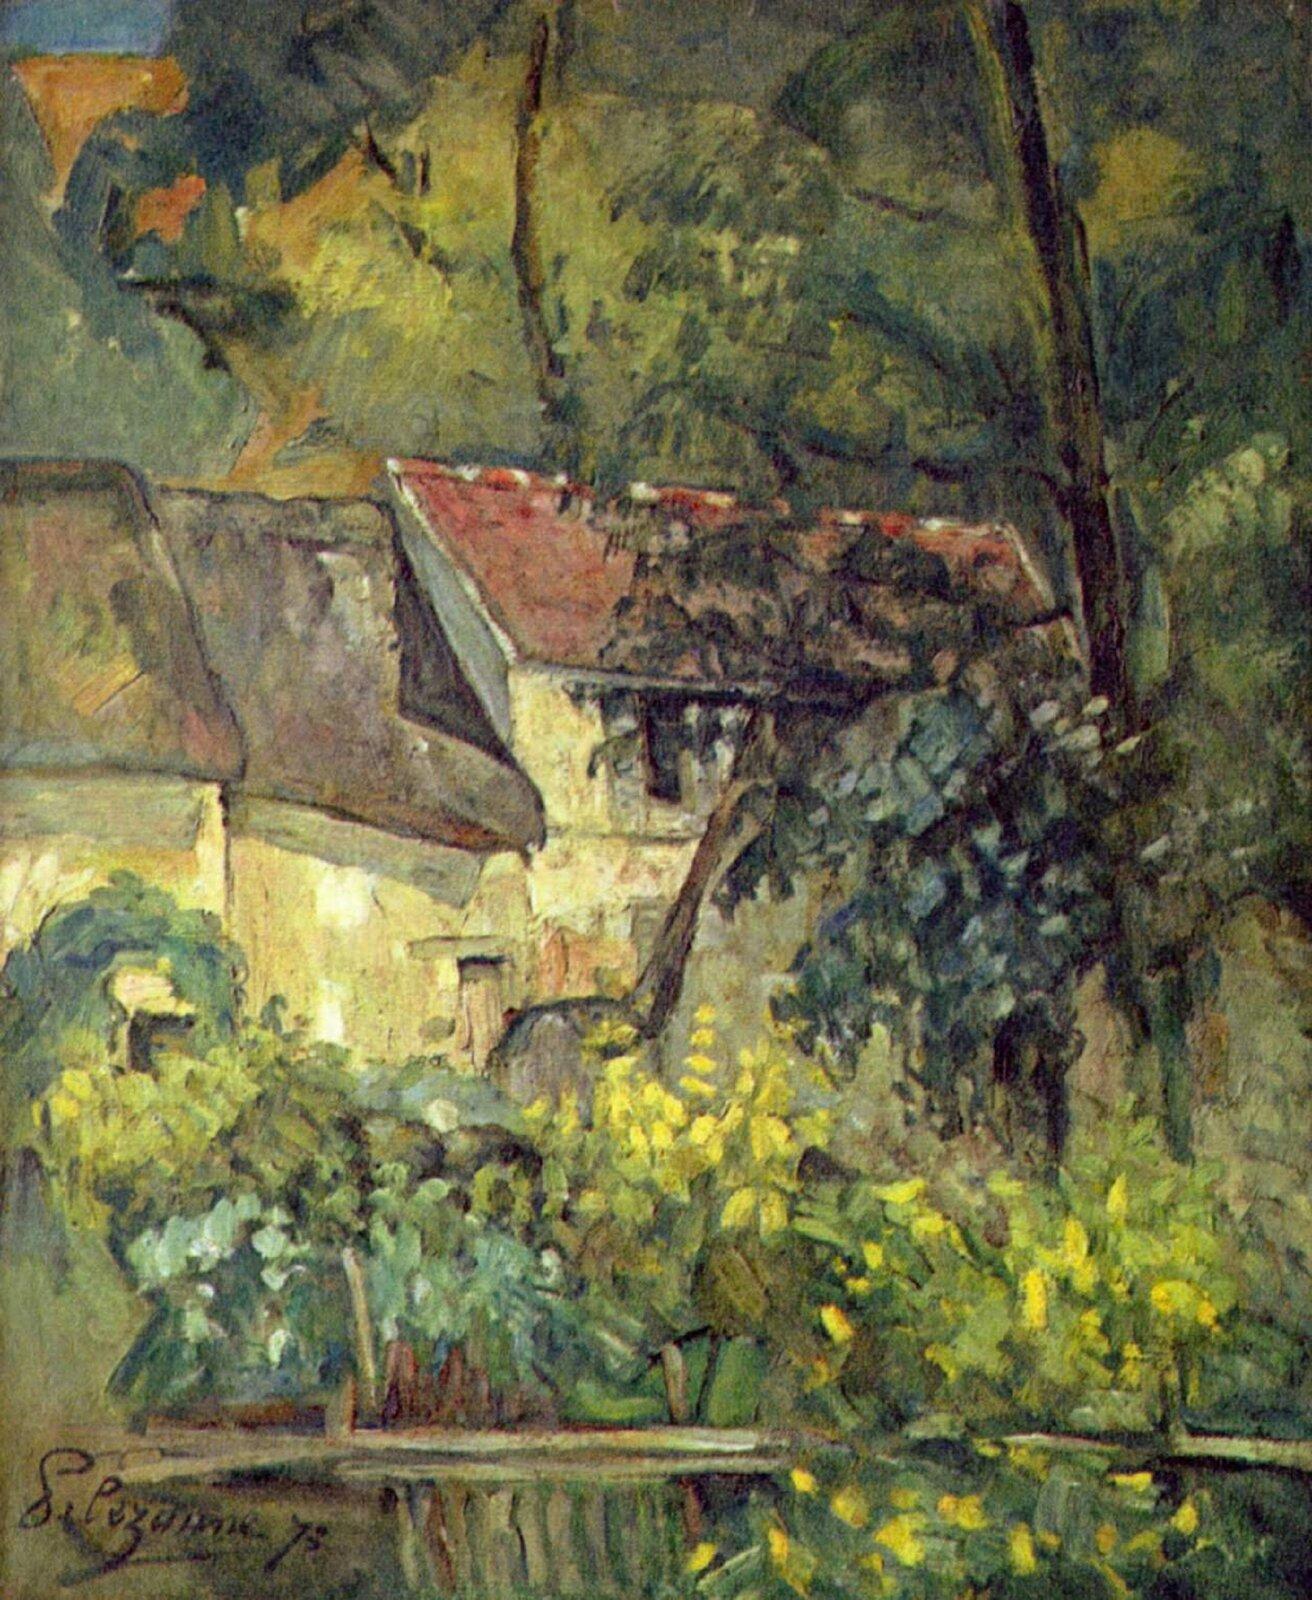 """ilustracja przedstawia obraz Paula Cézanne'a """"Dom Père'a Lacroixa"""". Ukazuje dom otoczony bujną roślinnością. Pokryty jest czerwonym dachem ima żółtą elewację. Do niego dostawione są inne budynki. Na pierwszym planie znajduje się płot, za którym rosną żółte kwiaty. Po prawej stronie znajduje się duża sosna."""